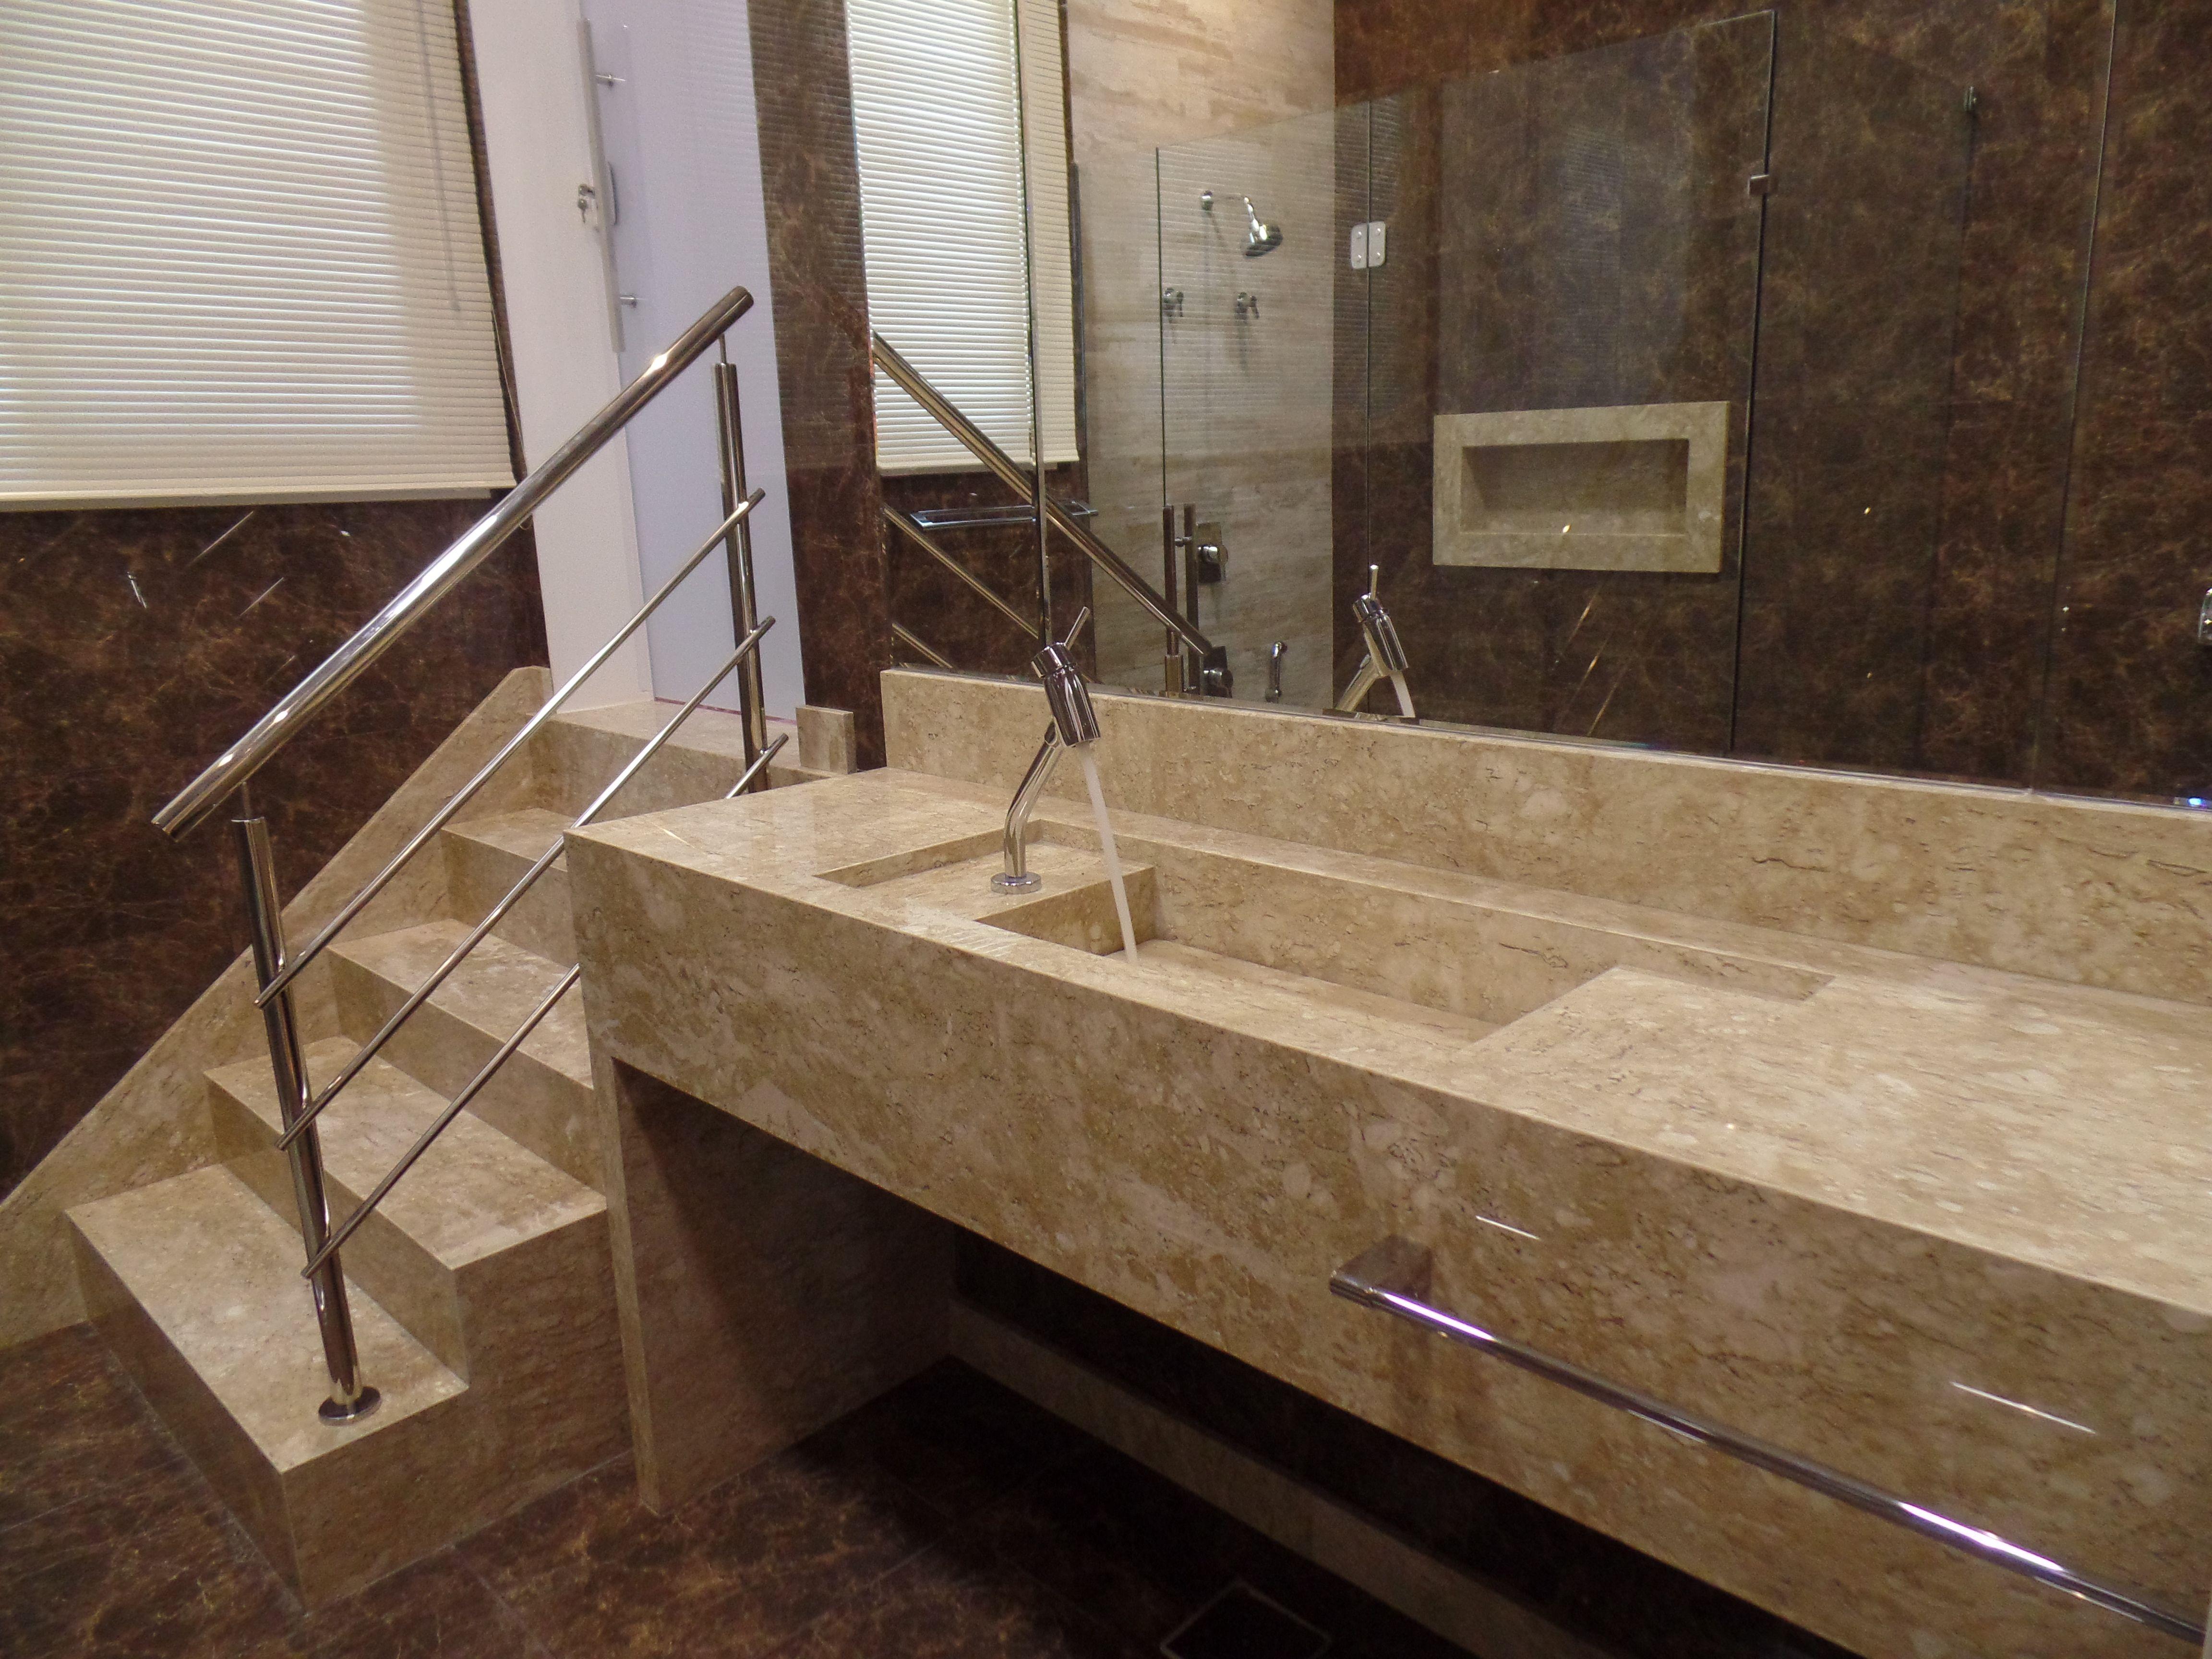 Nicho Bancada Banheiro : Banheiro com escada rodap? nicho e bancada cuba